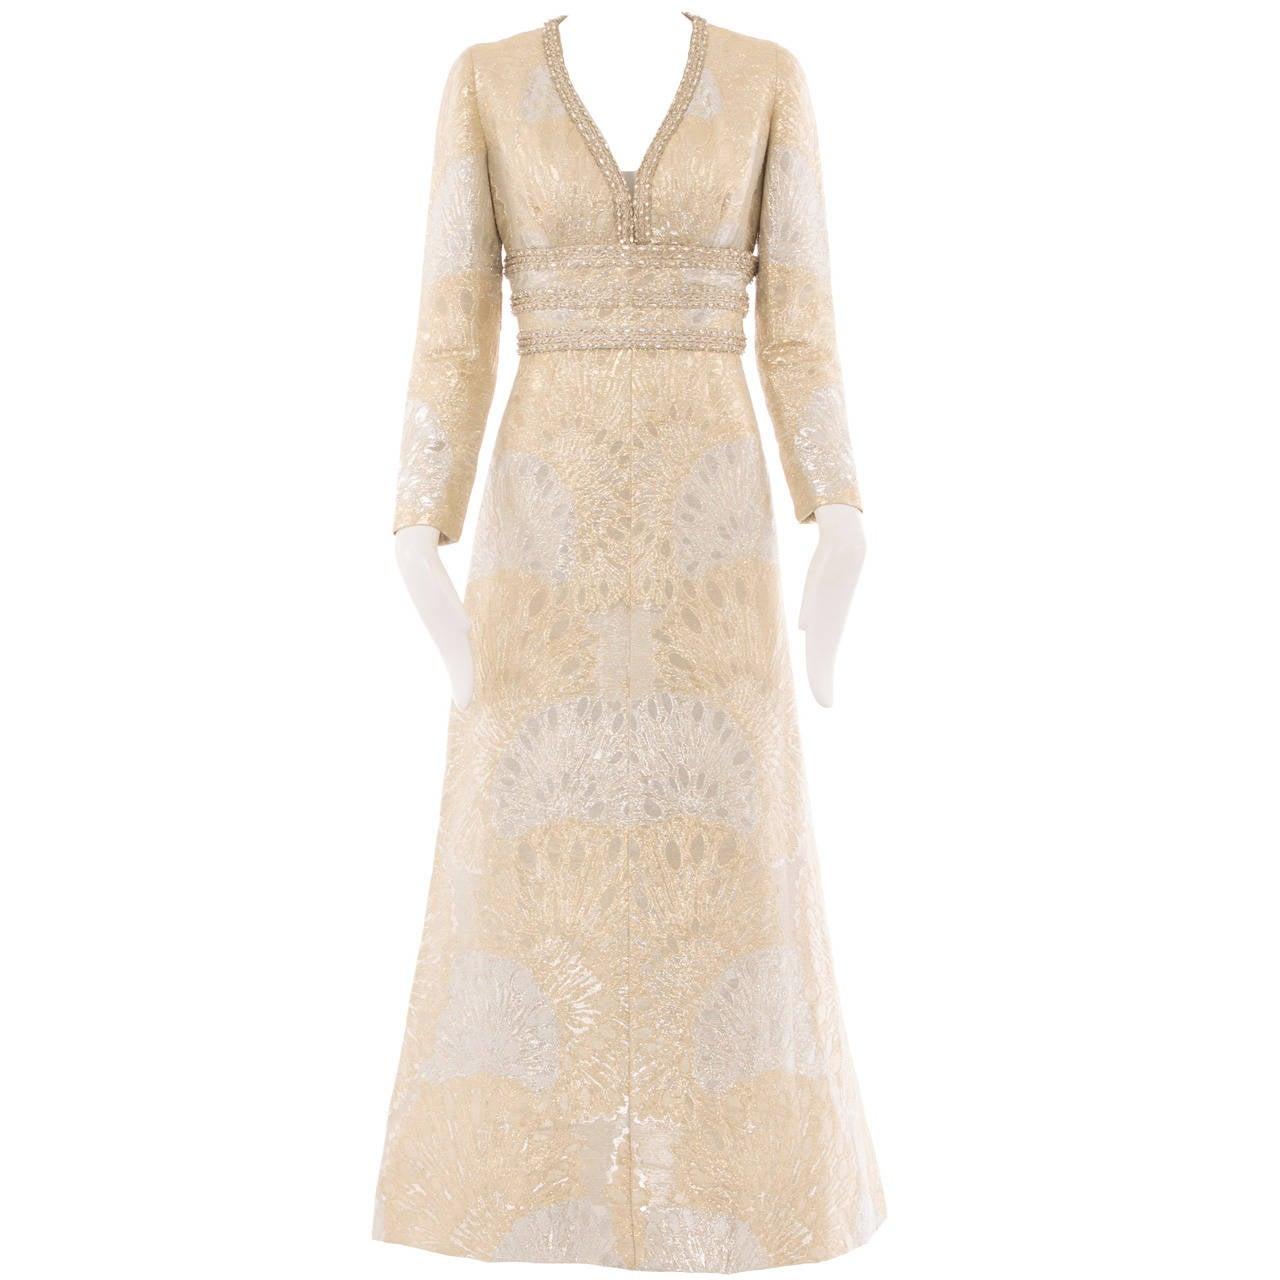 An Yves Saint Laurent Patron Original dress, autumn winter 1969 1